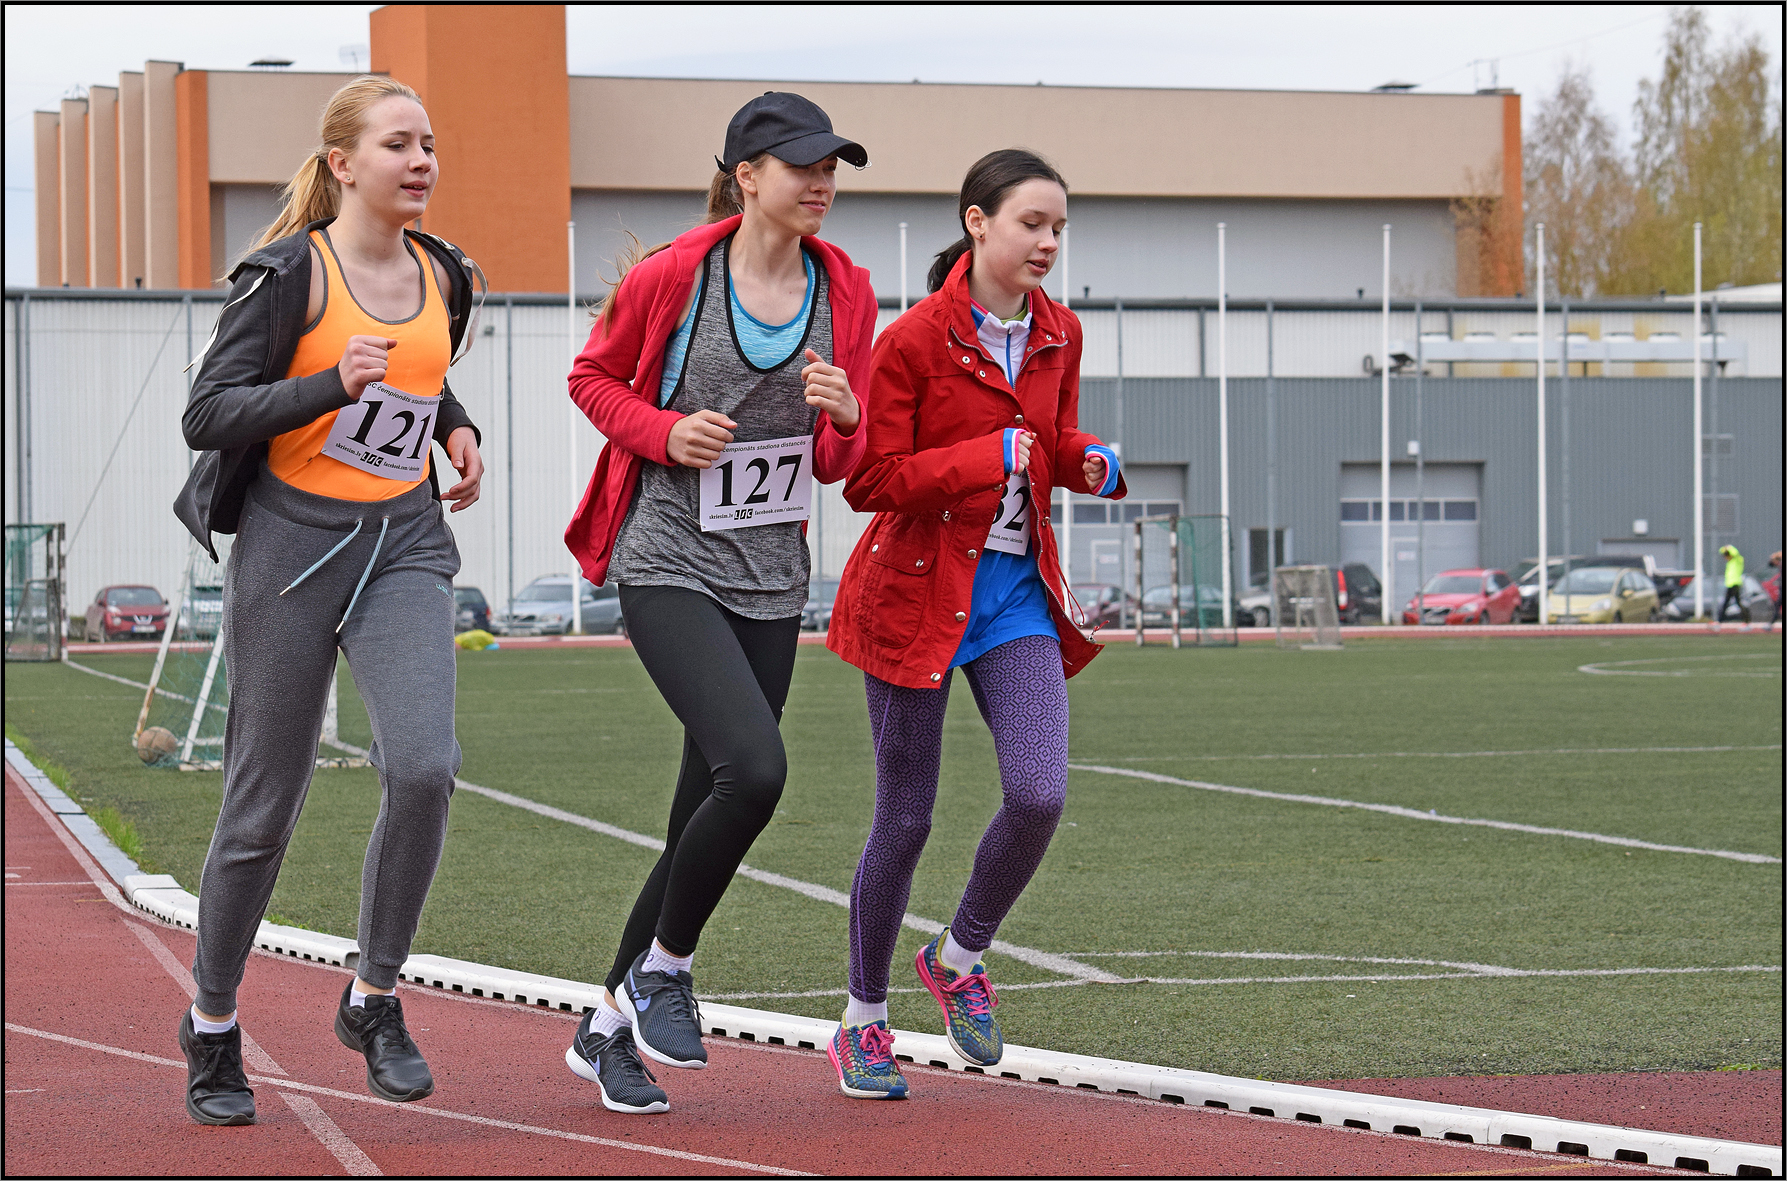 2018-04-28 LSC čempionāts stadiona distancēs 1. kārta / foto Kārlis Pakārklis